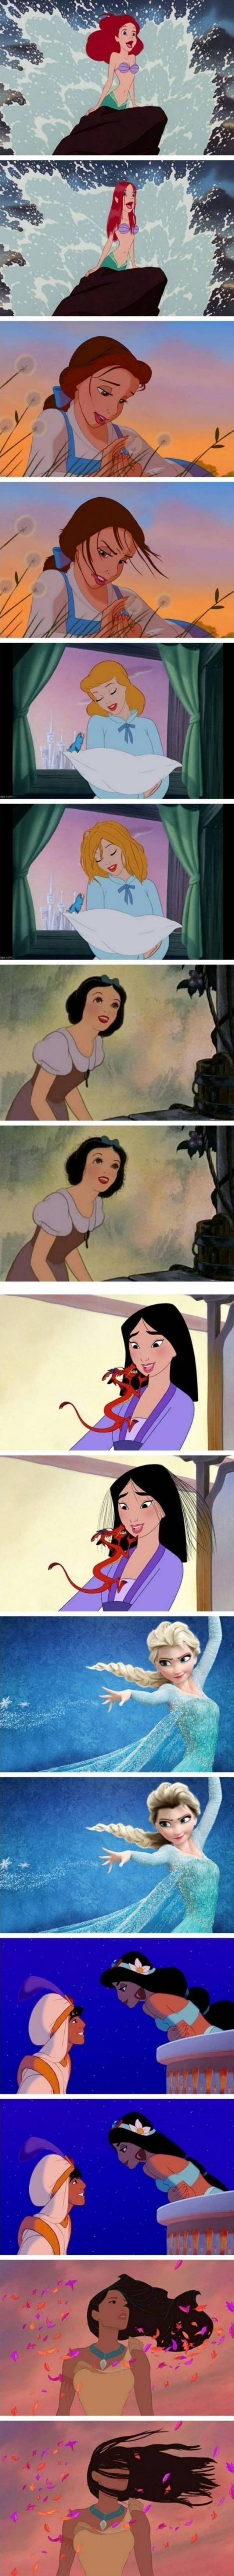 디즈니공주들 현실헤어스타일   인스티즈